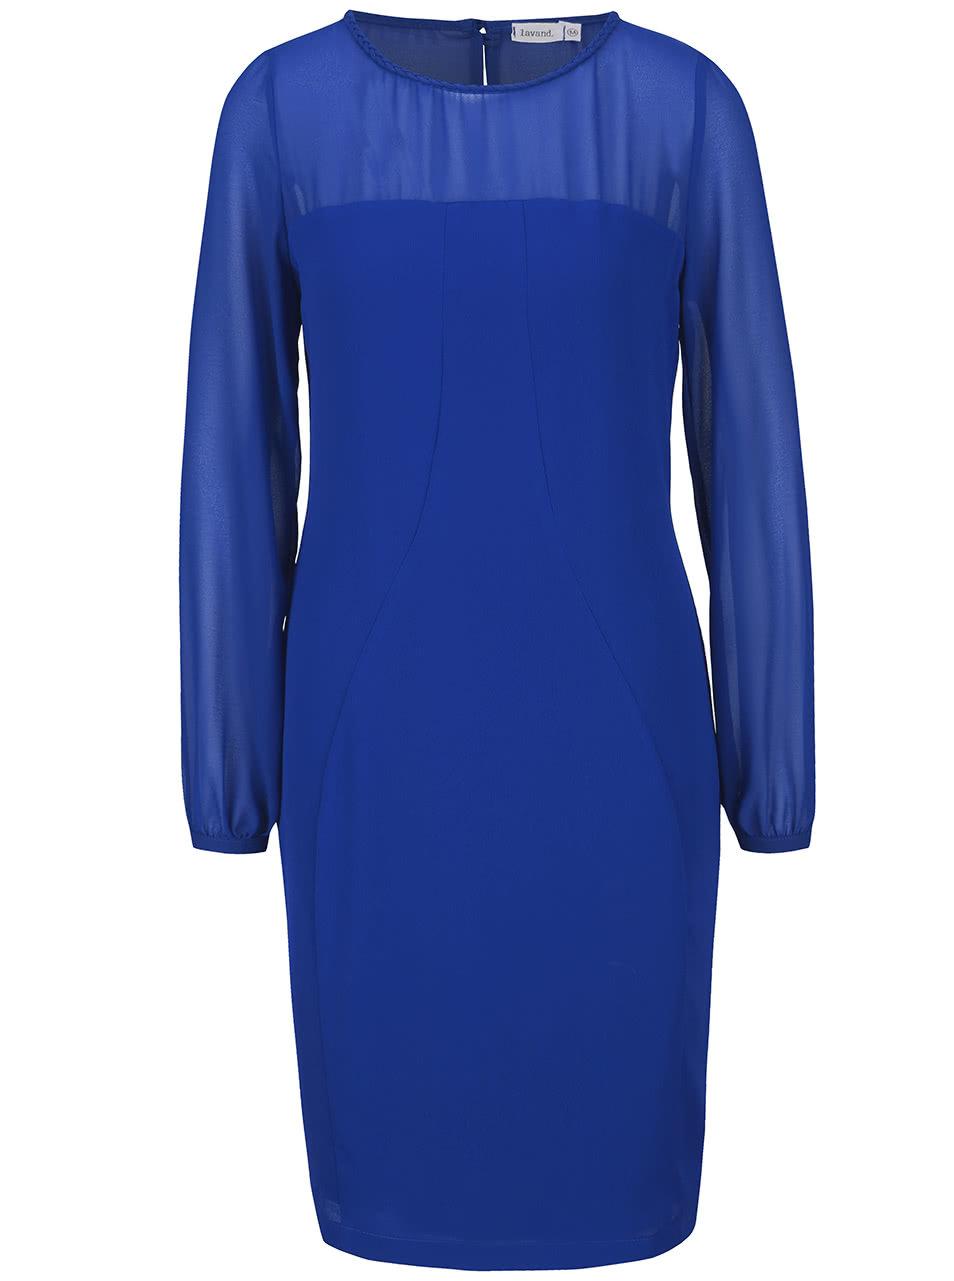 Modré šaty s průhlednými rukávy a dekoltem Lavand ... b612ec7278